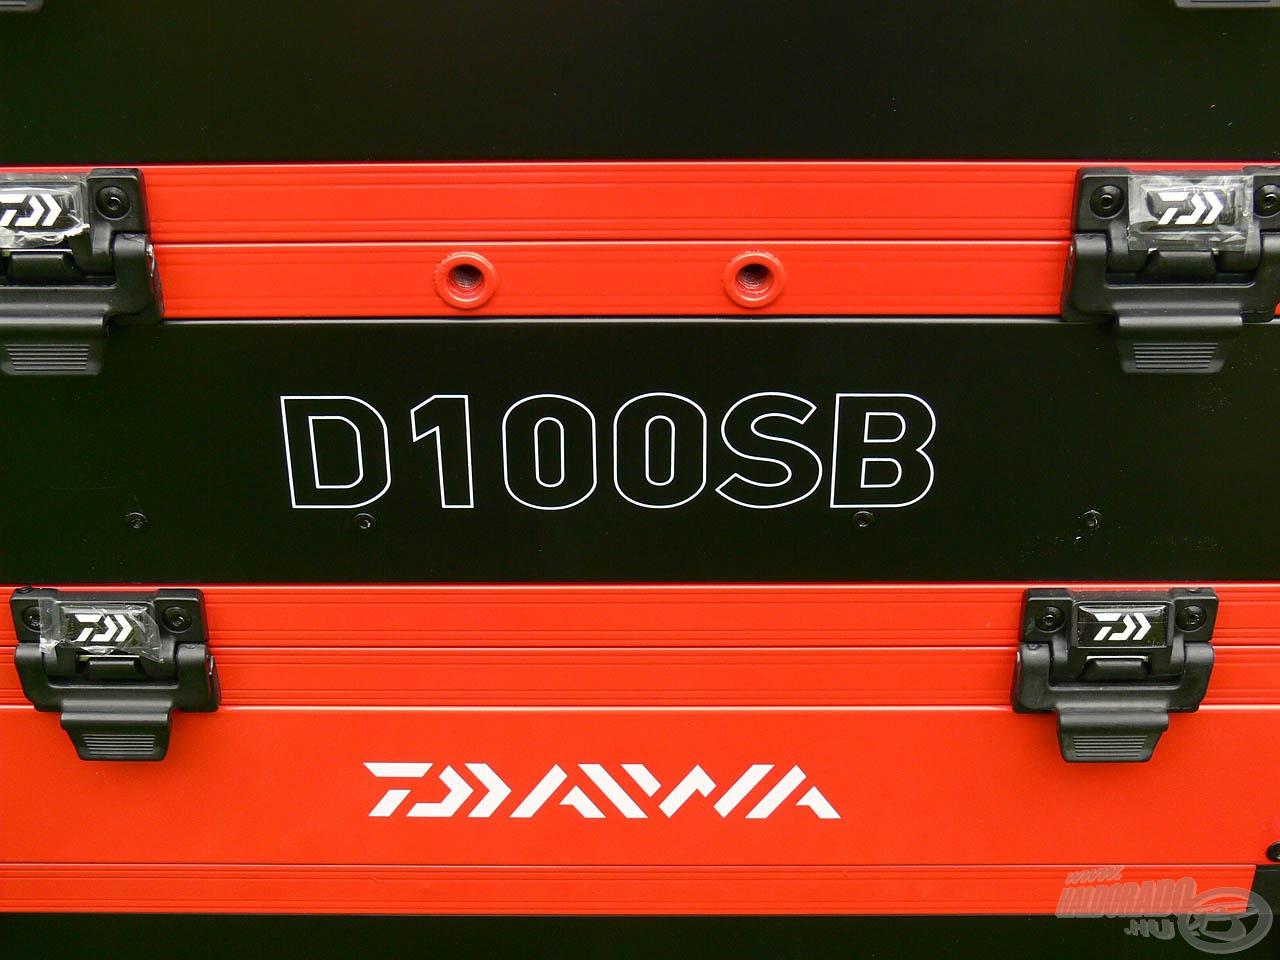 Esztétikusság, praktikum és minőség egyetlen termékben! A Seat Box 100 ládát bátran ajánljuk a tapasztalt versenyhorgászok számára is!